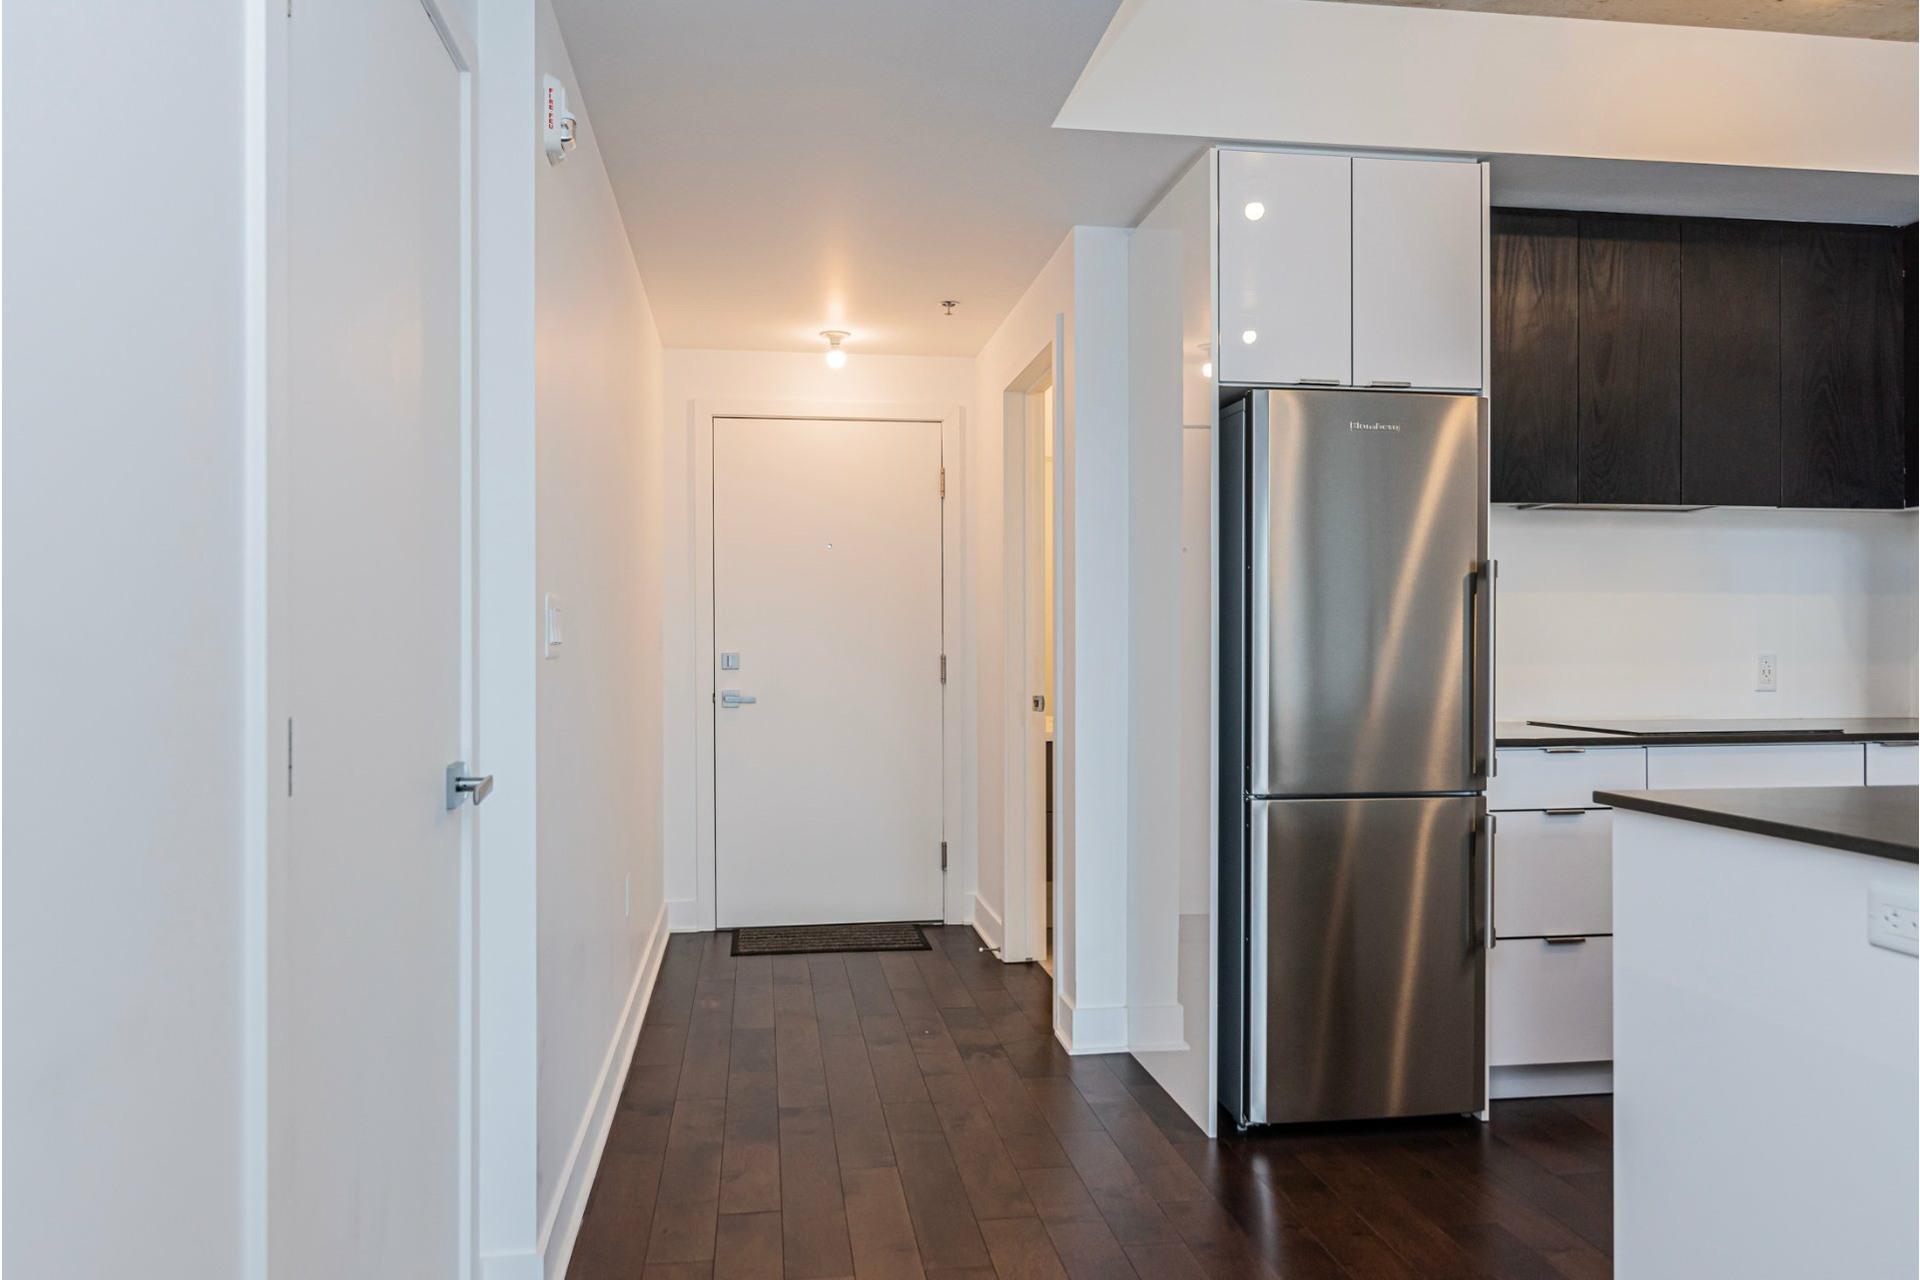 image 3 - Appartement À louer Côte-des-Neiges/Notre-Dame-de-Grâce Montréal  - 6 pièces